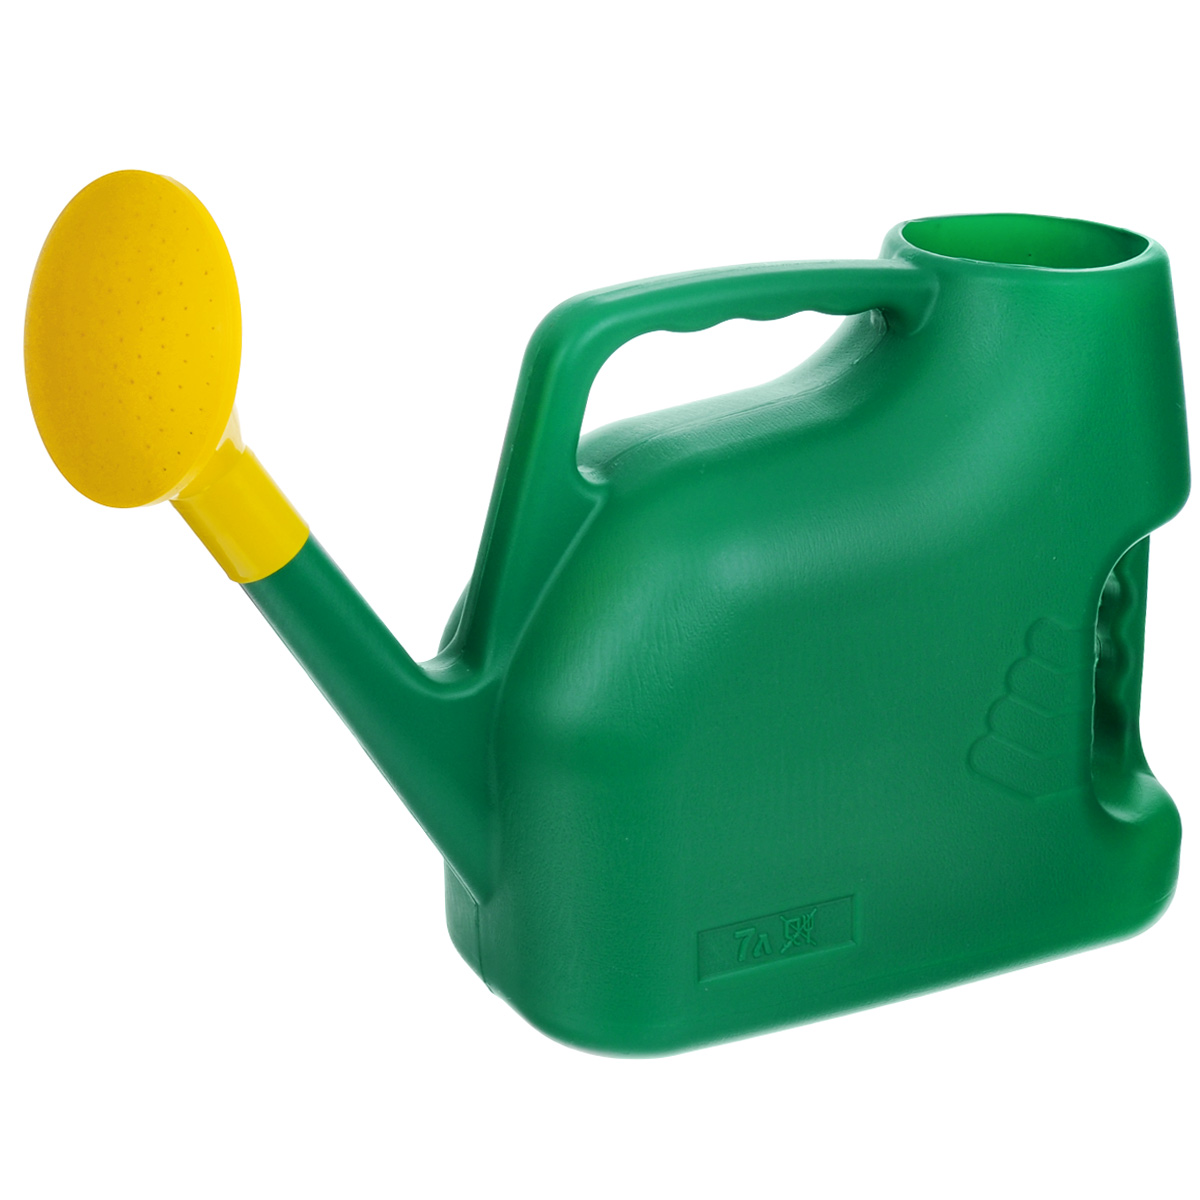 Лейка Альтернатива, цвет: зеленый, 7 л. M222M222_зеленыйСадовая лейка Альтернатива предназначена для полива насаждений на приусадебном участке. Она выполнена из пластика и имеет небольшую массу, что позволяет экономить силы при поливе. Удобство в использовании также обеспечивается за счет эргономичной ручки лейки. Выпуклая насадка позволяет производить равномерный полив, не прибивая растения. Лейка имеет большое горлышко для наливания воды. Лейка Альтернатива станет незаменимой на вашем огороде или в саду.